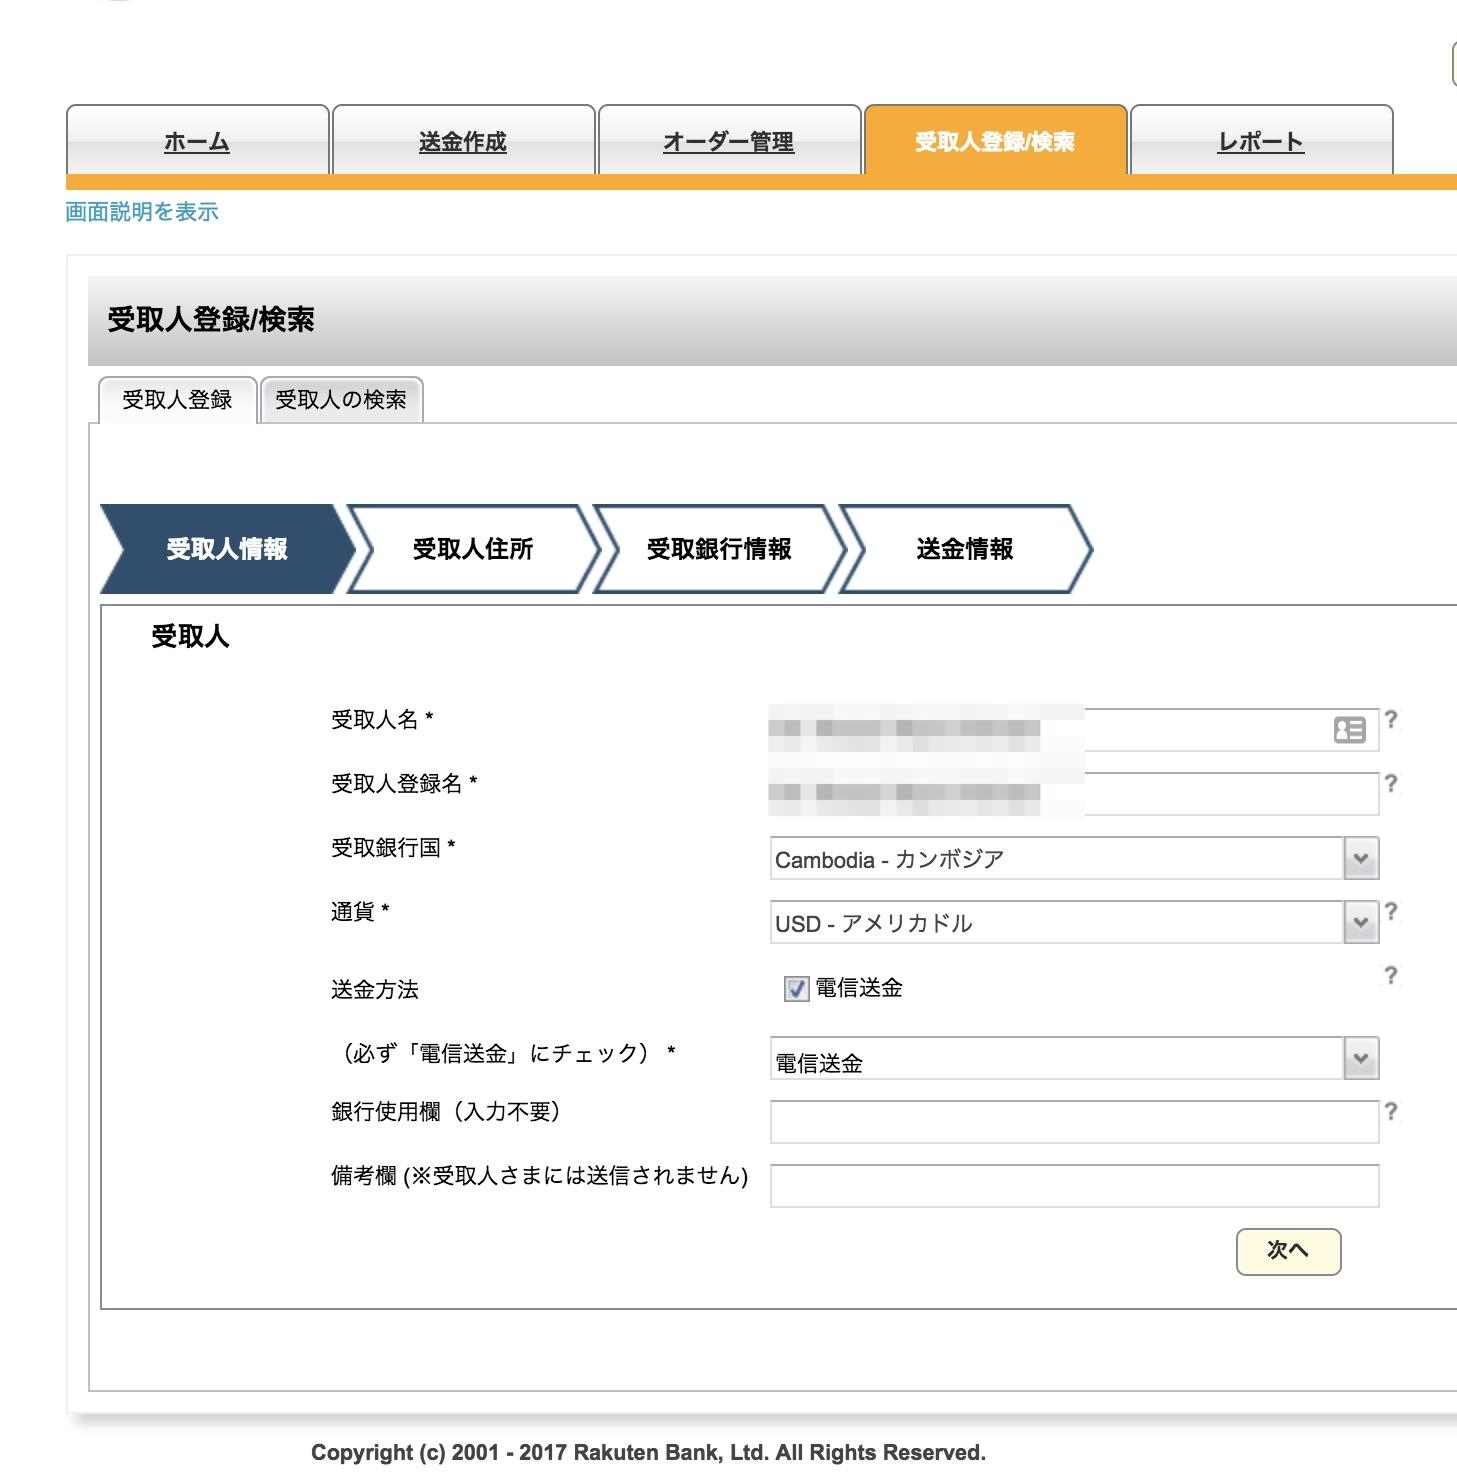 受取人情報登録(受取人情報)